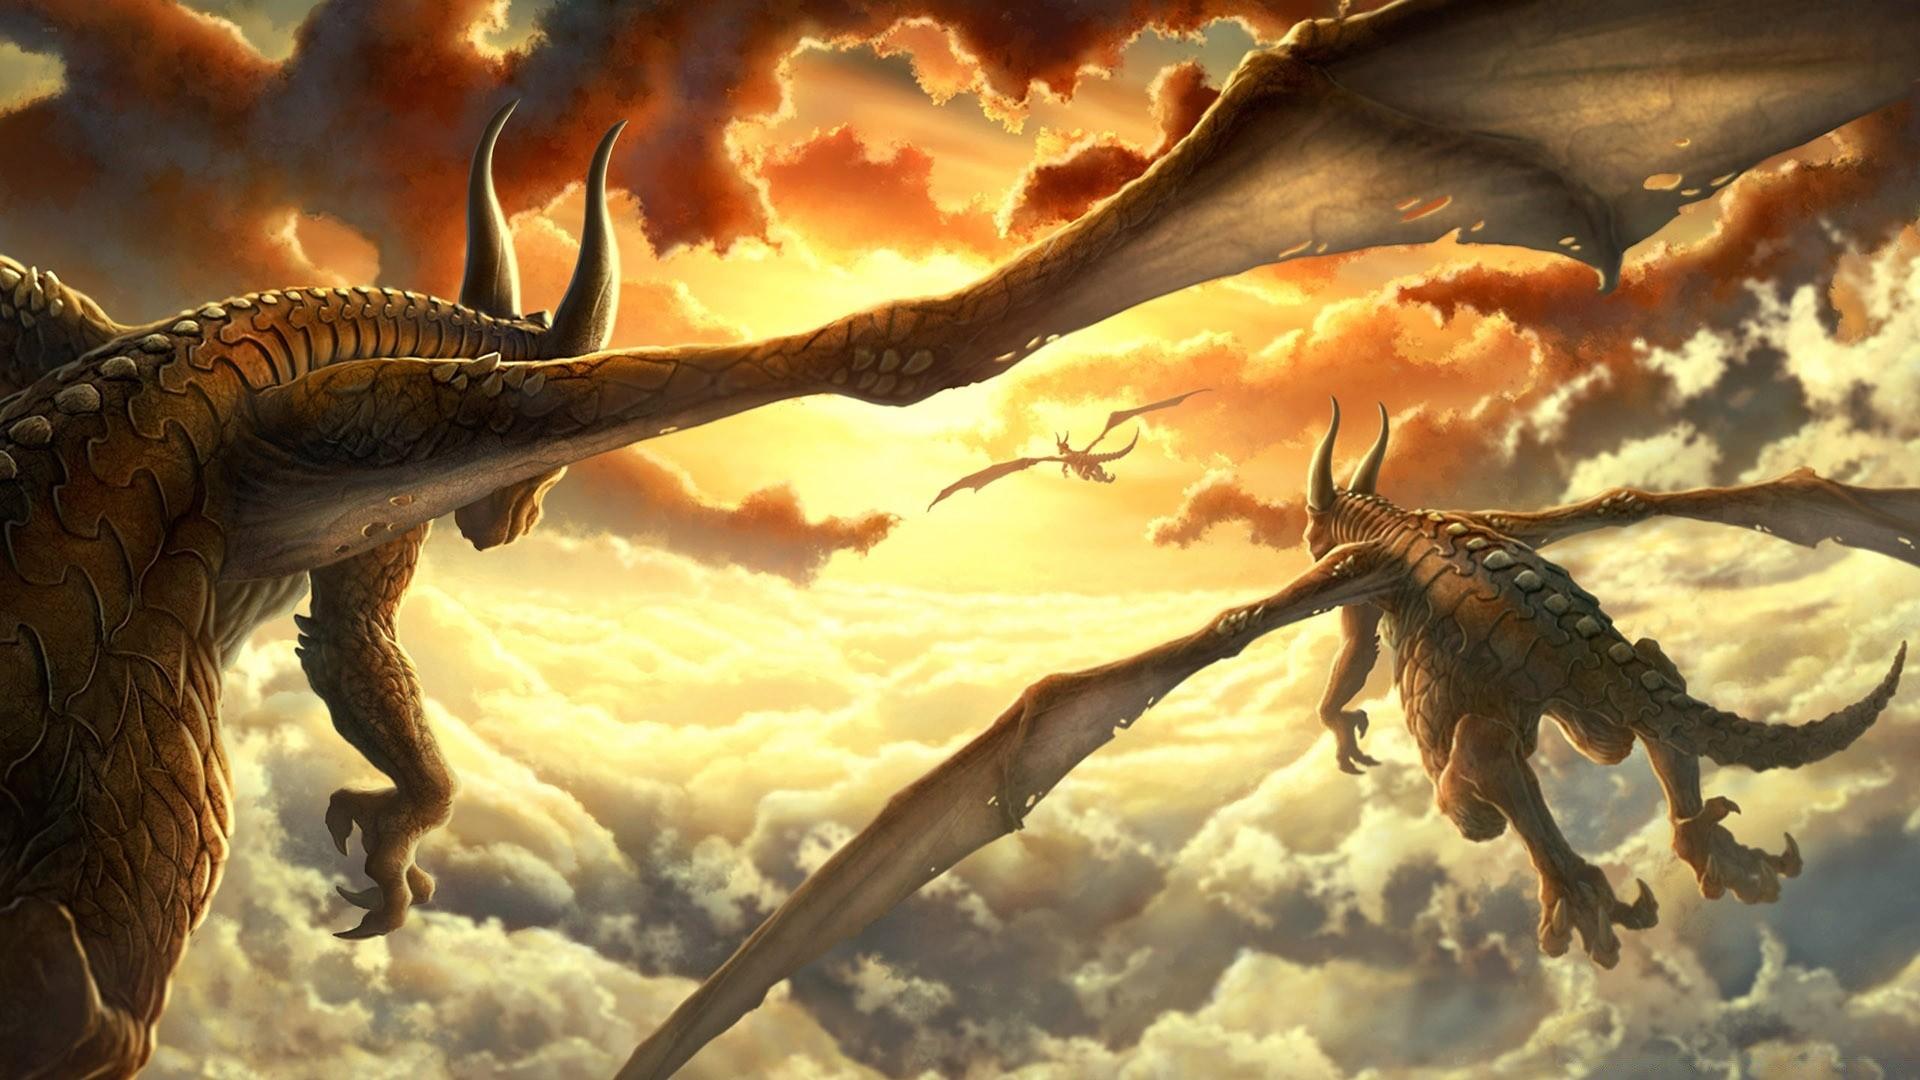 Картинки на рабочий стол большие дракон